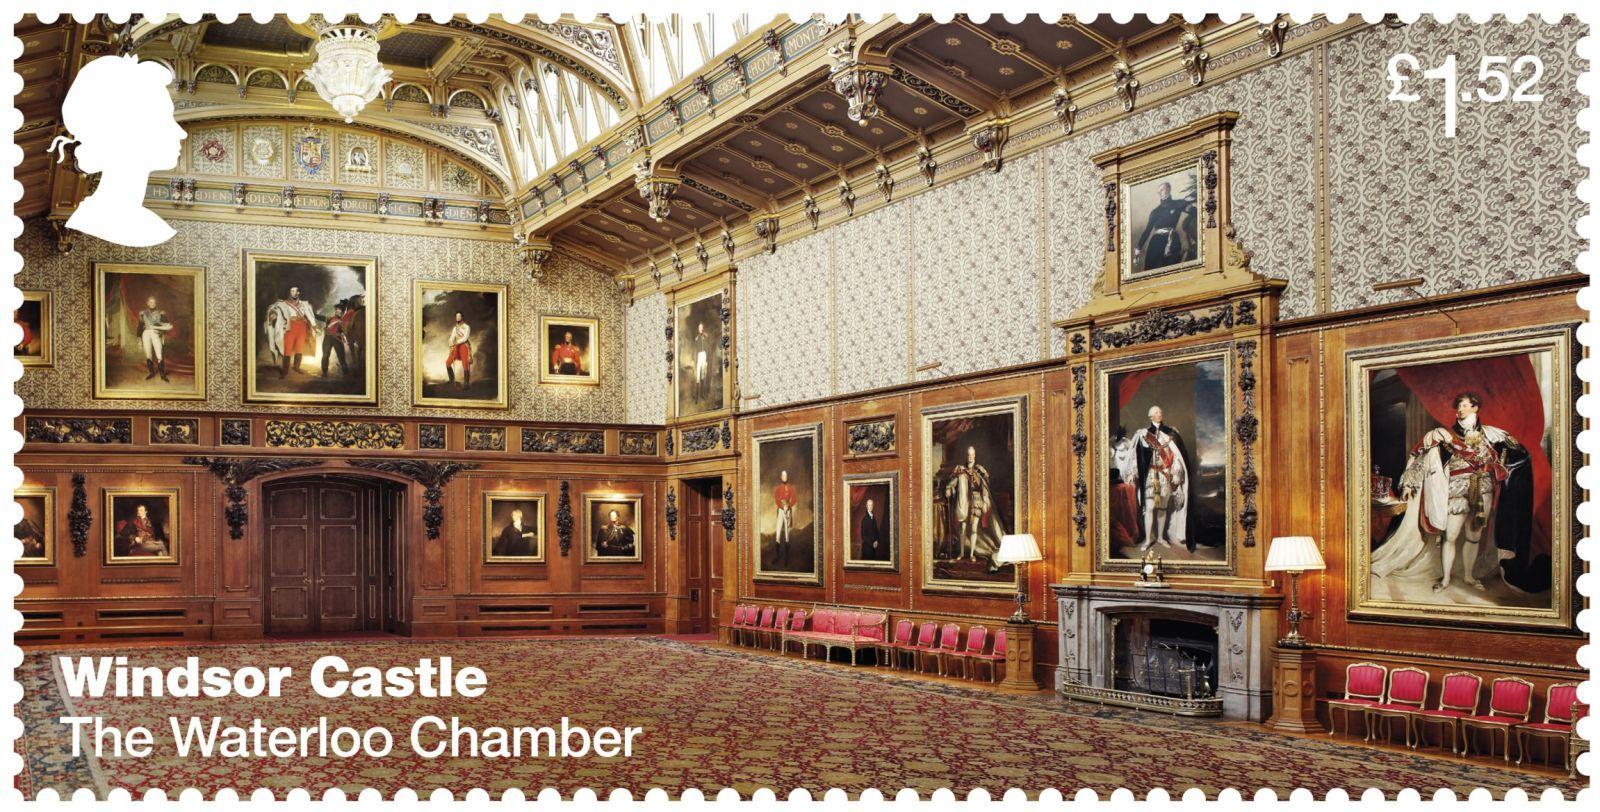 Windsor_Castle_on_Royal_Mail_stamps07